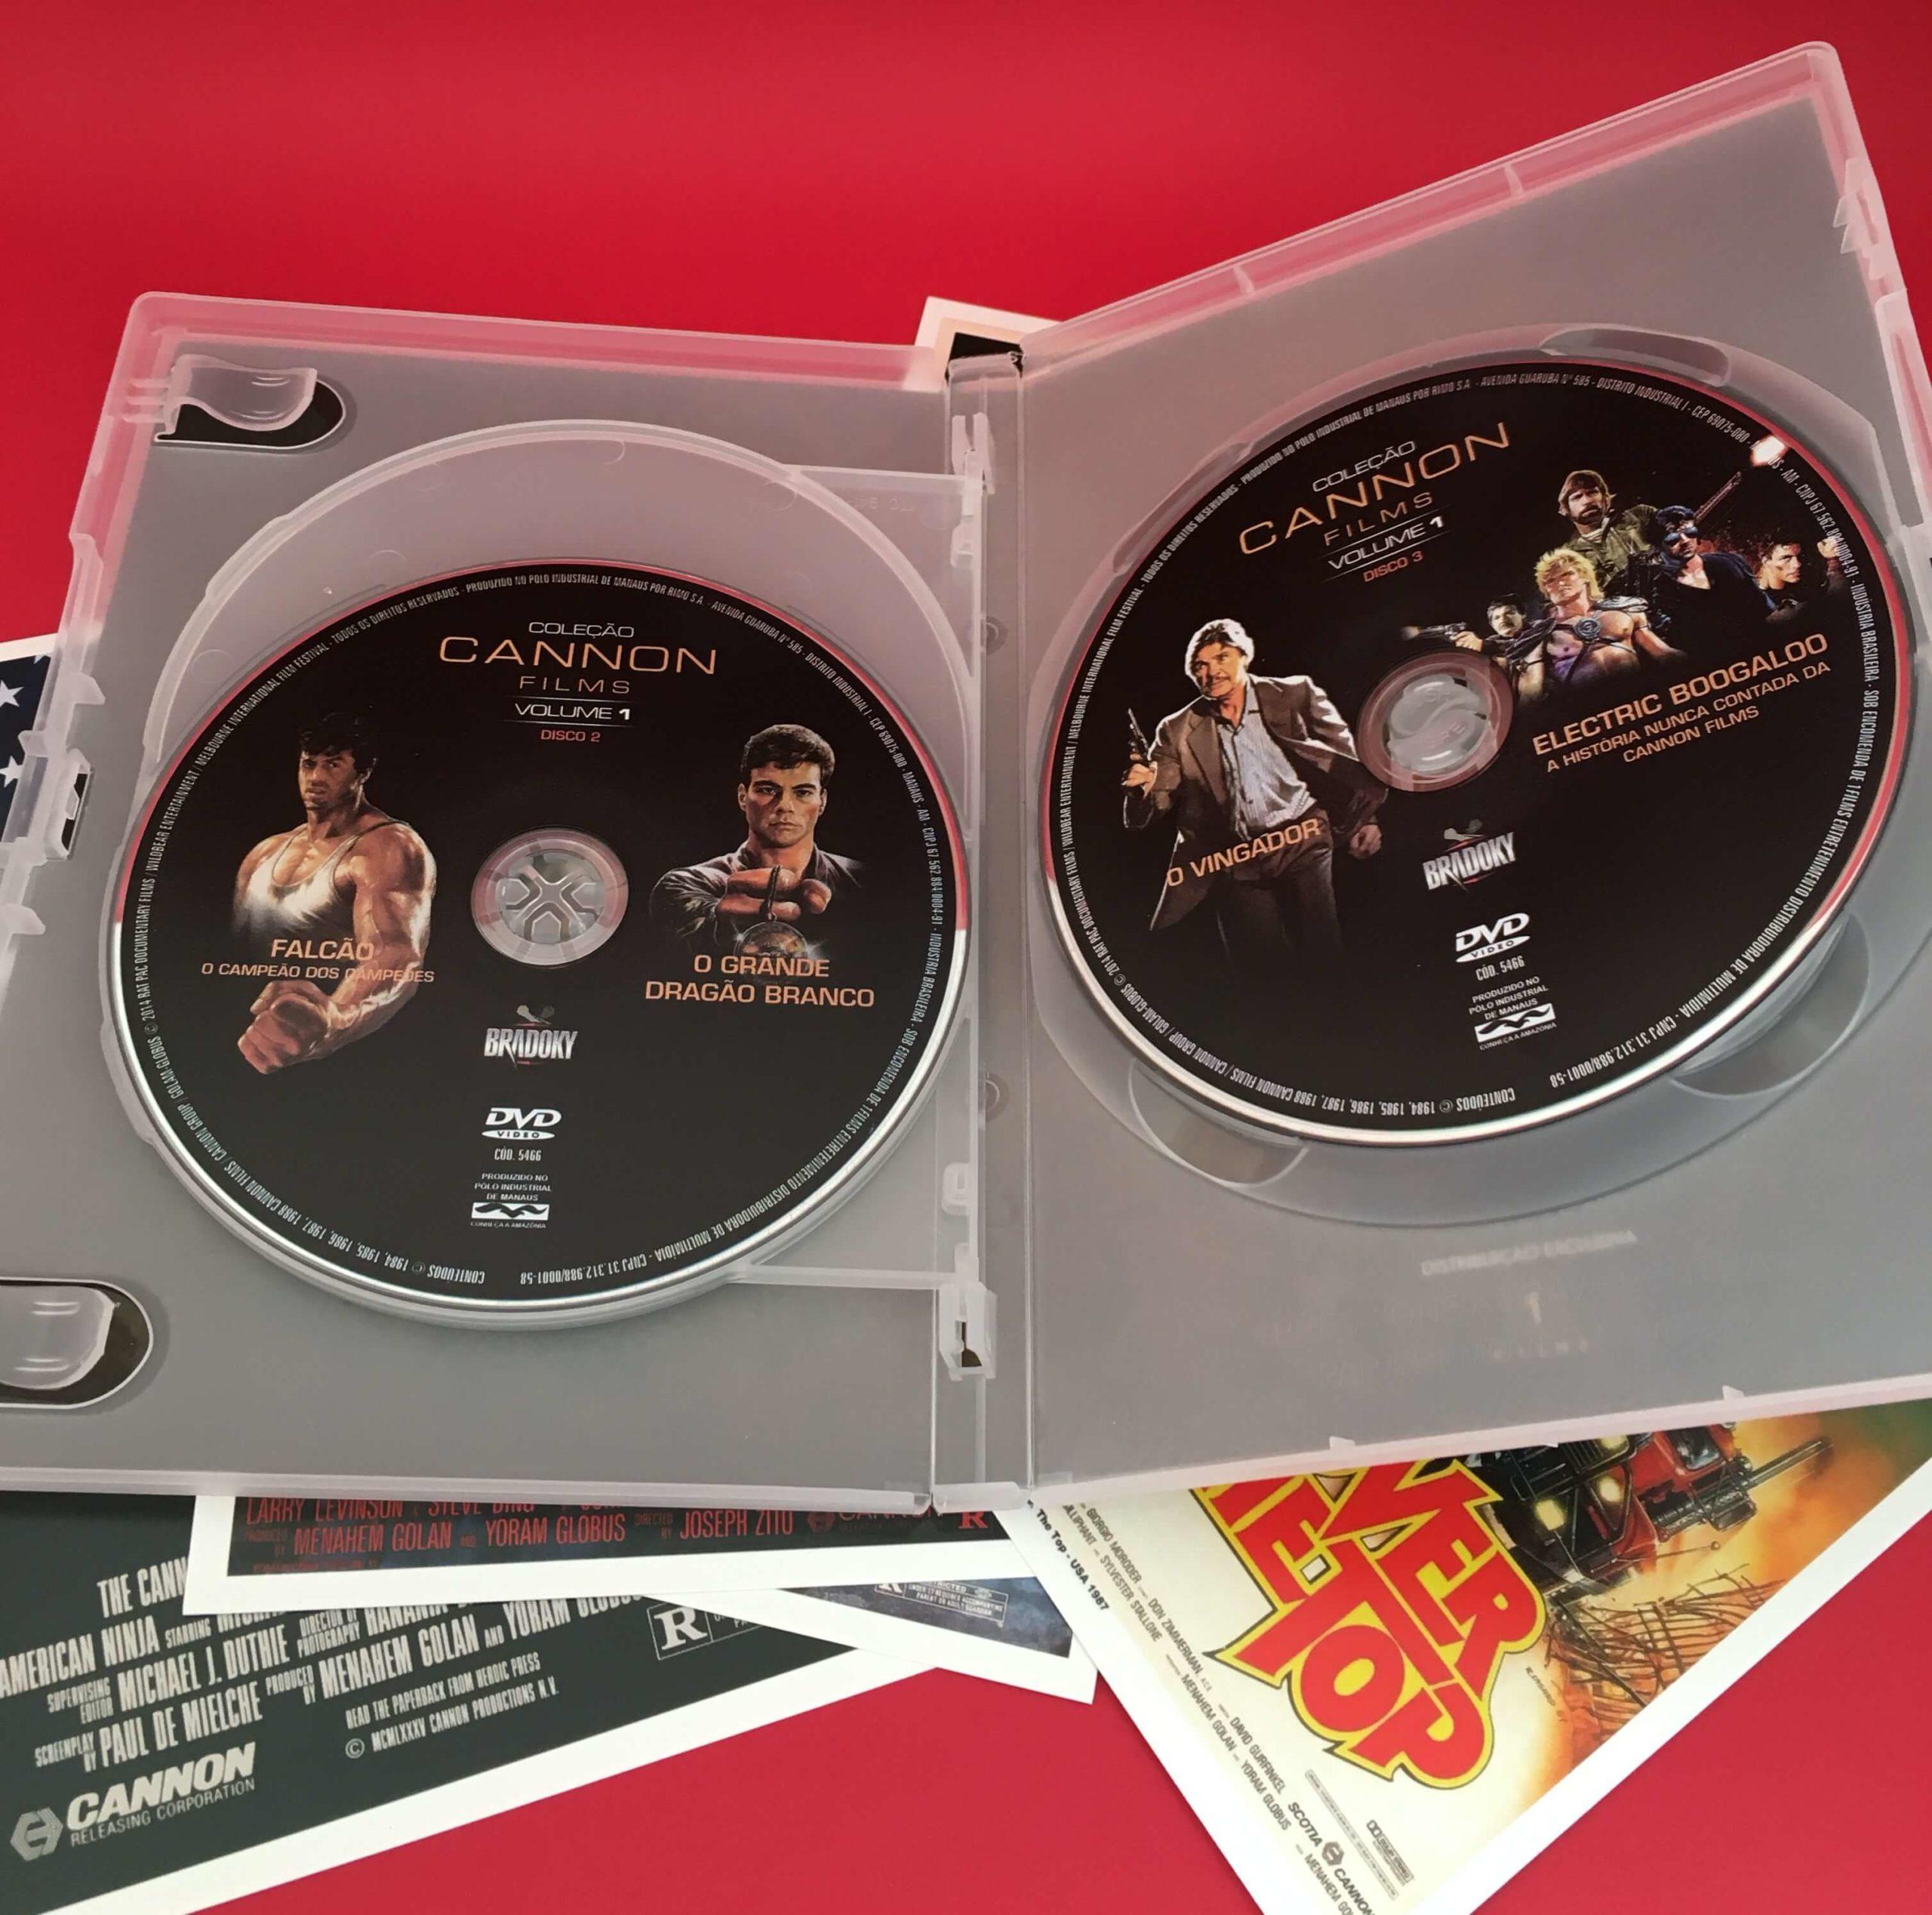 Conheça o primeiro volume da coleção 'Cannon Films'